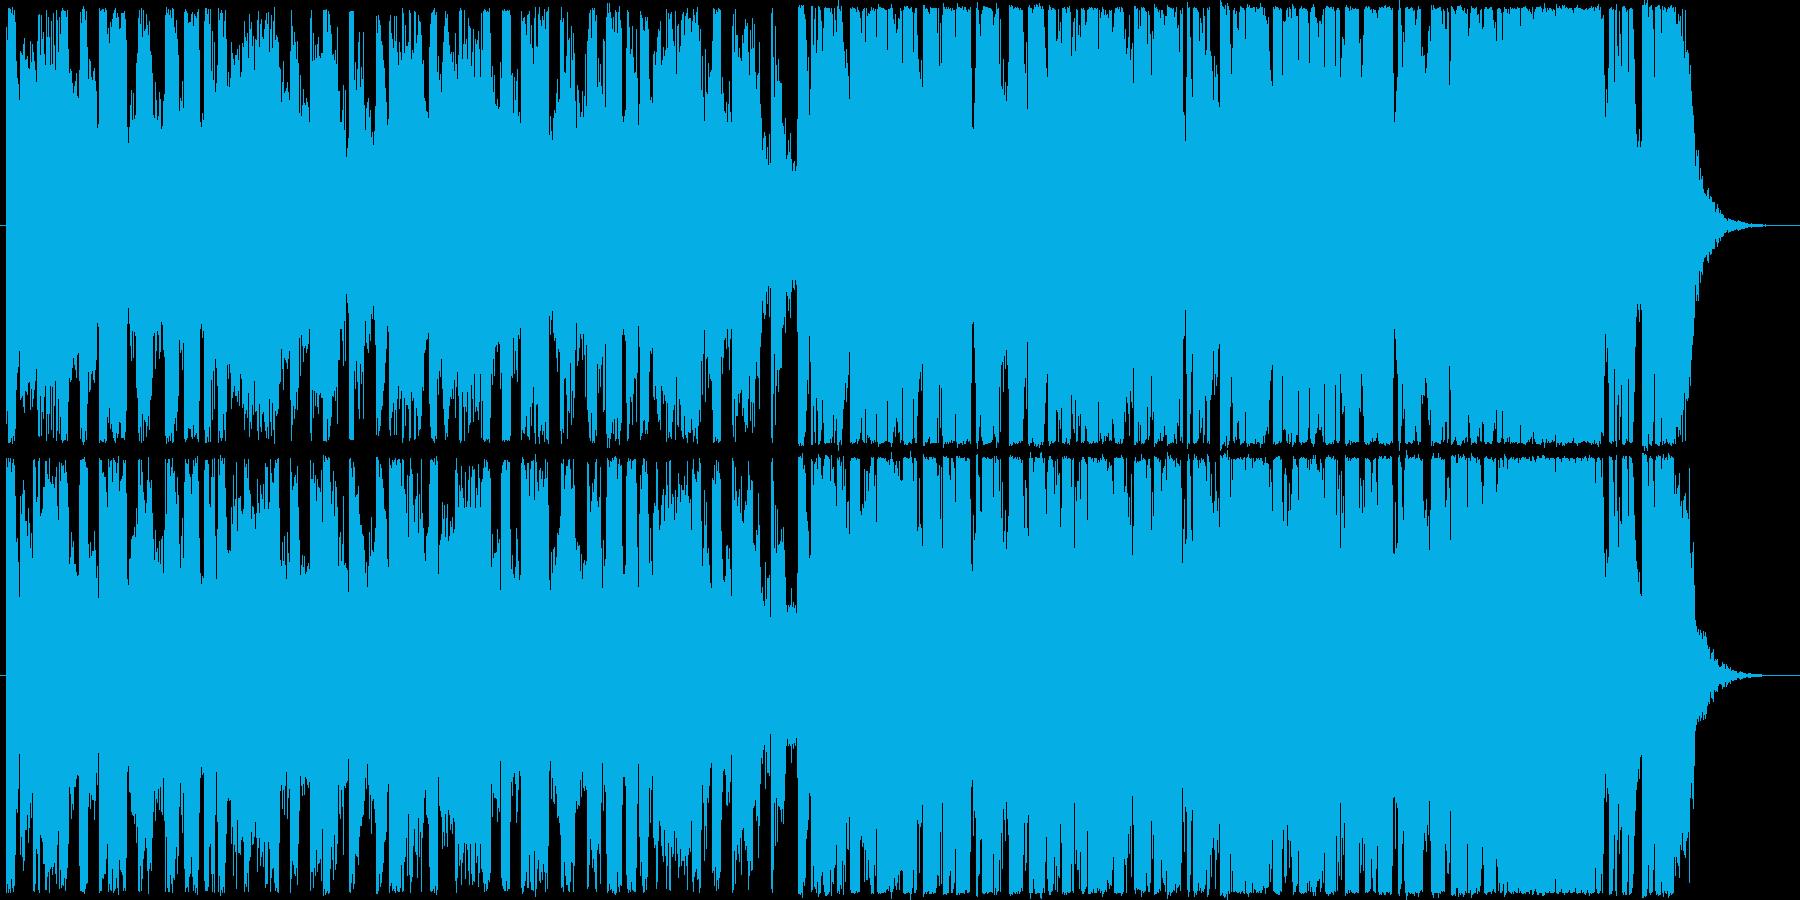 明るくポップな30秒程のノリノリ系BGMの再生済みの波形